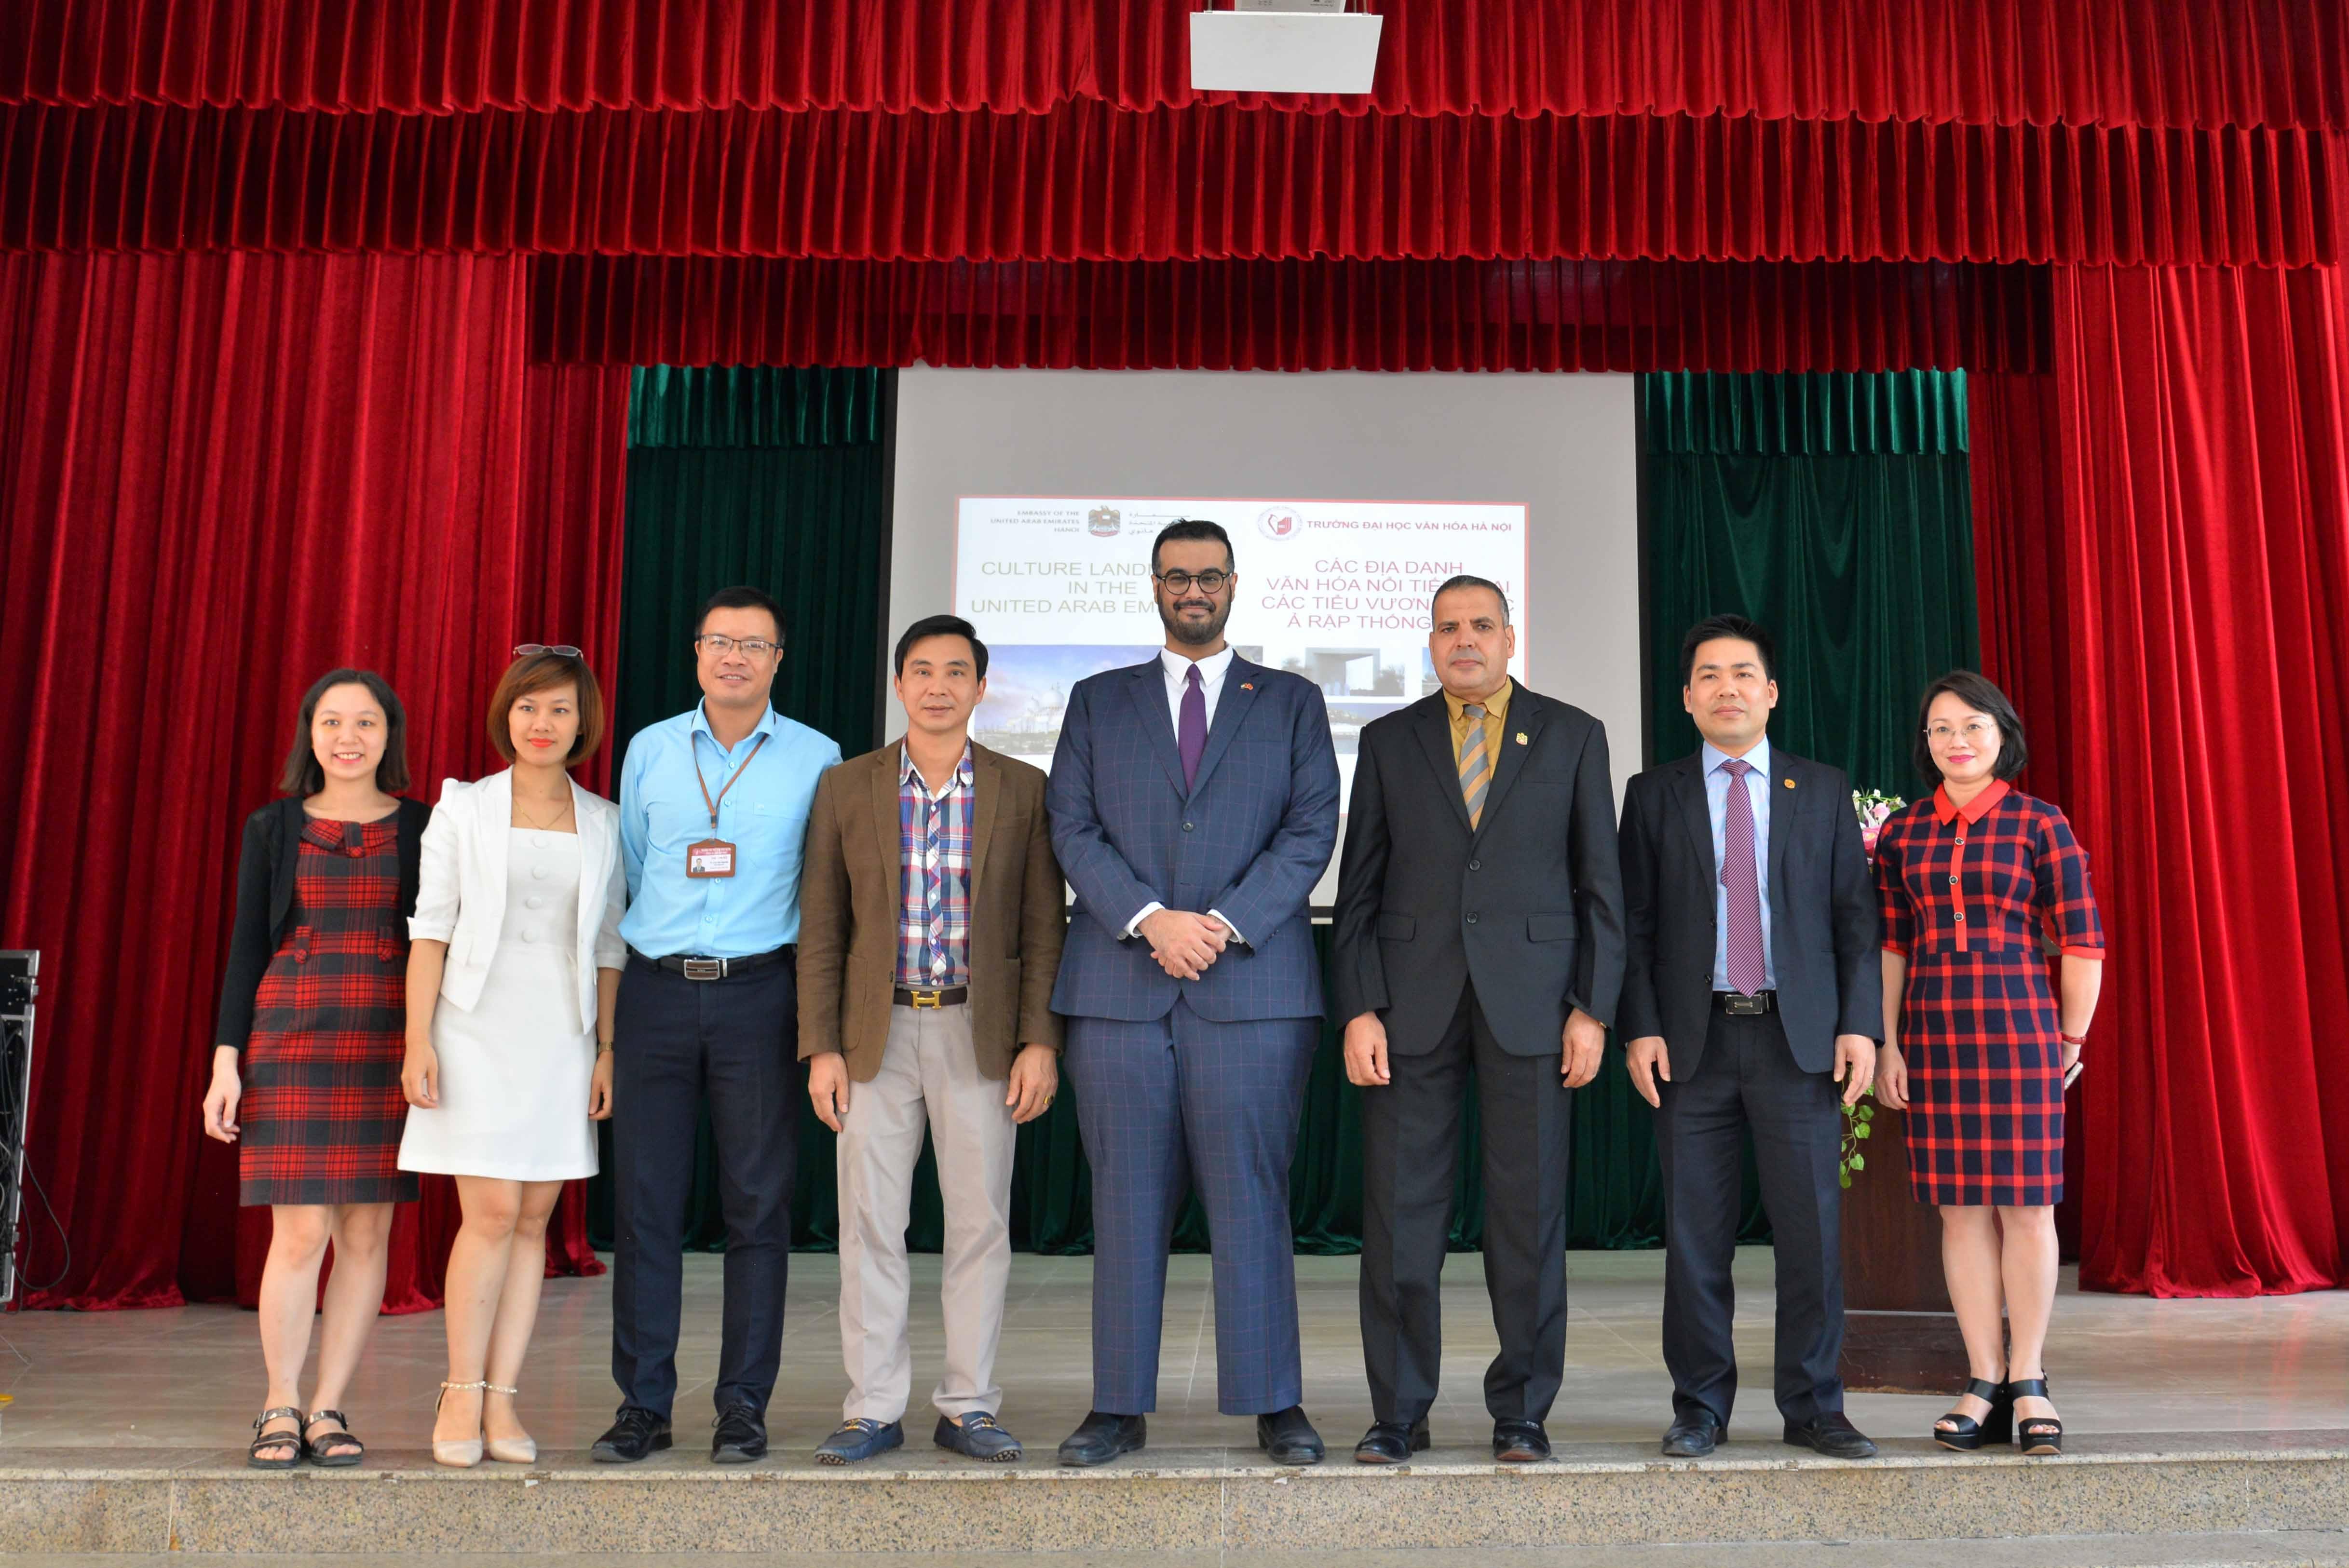 Đại sứ quán Các Tiểu vương quốc Ả-rập thống nhất (UAE) giới thiệu các địa danh văn hóa nổi tiếng của UAE tại Trường Đại học Văn hóa Hà Nội